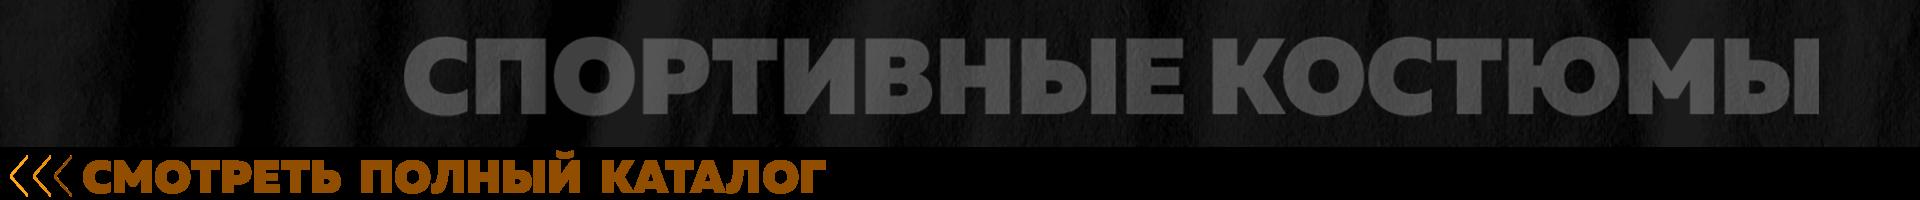 Перейти из магазина мужских спортивных костюмов Хабаровск в полный каталог.